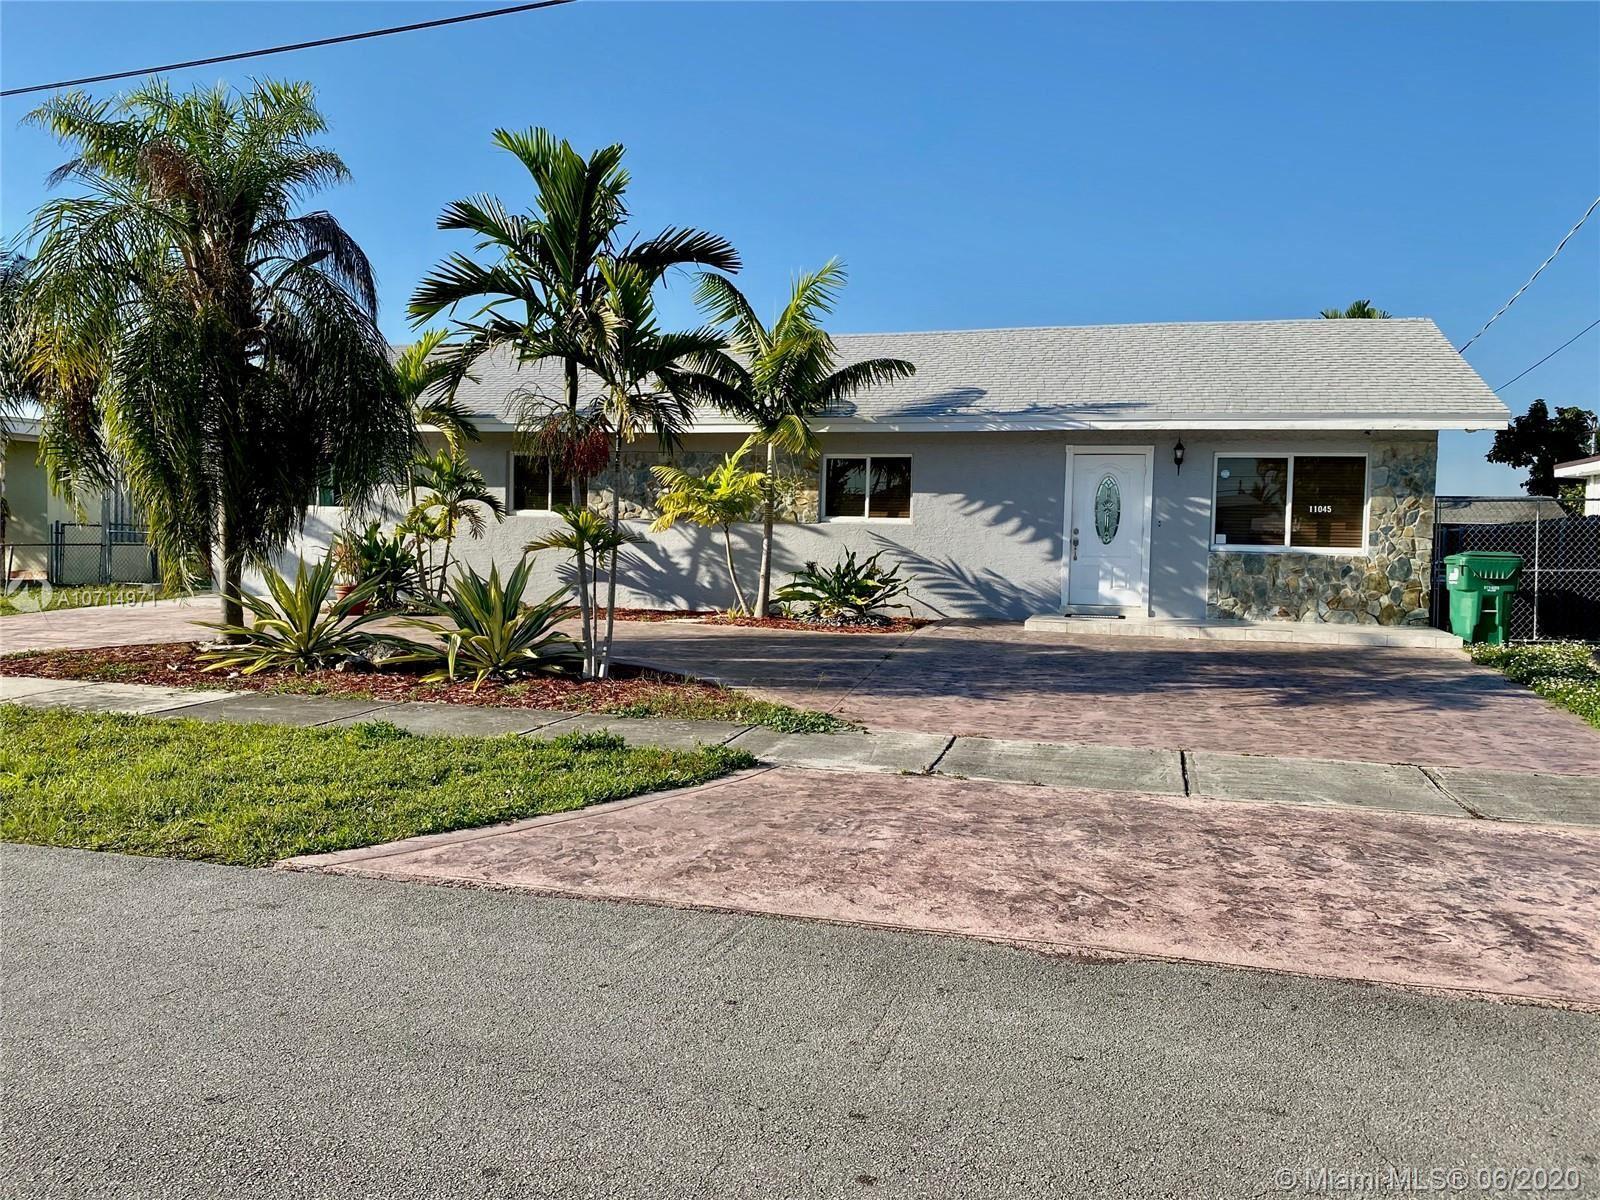 11045 SW 51st Ter, Miami, FL 33165 - #: A10714971